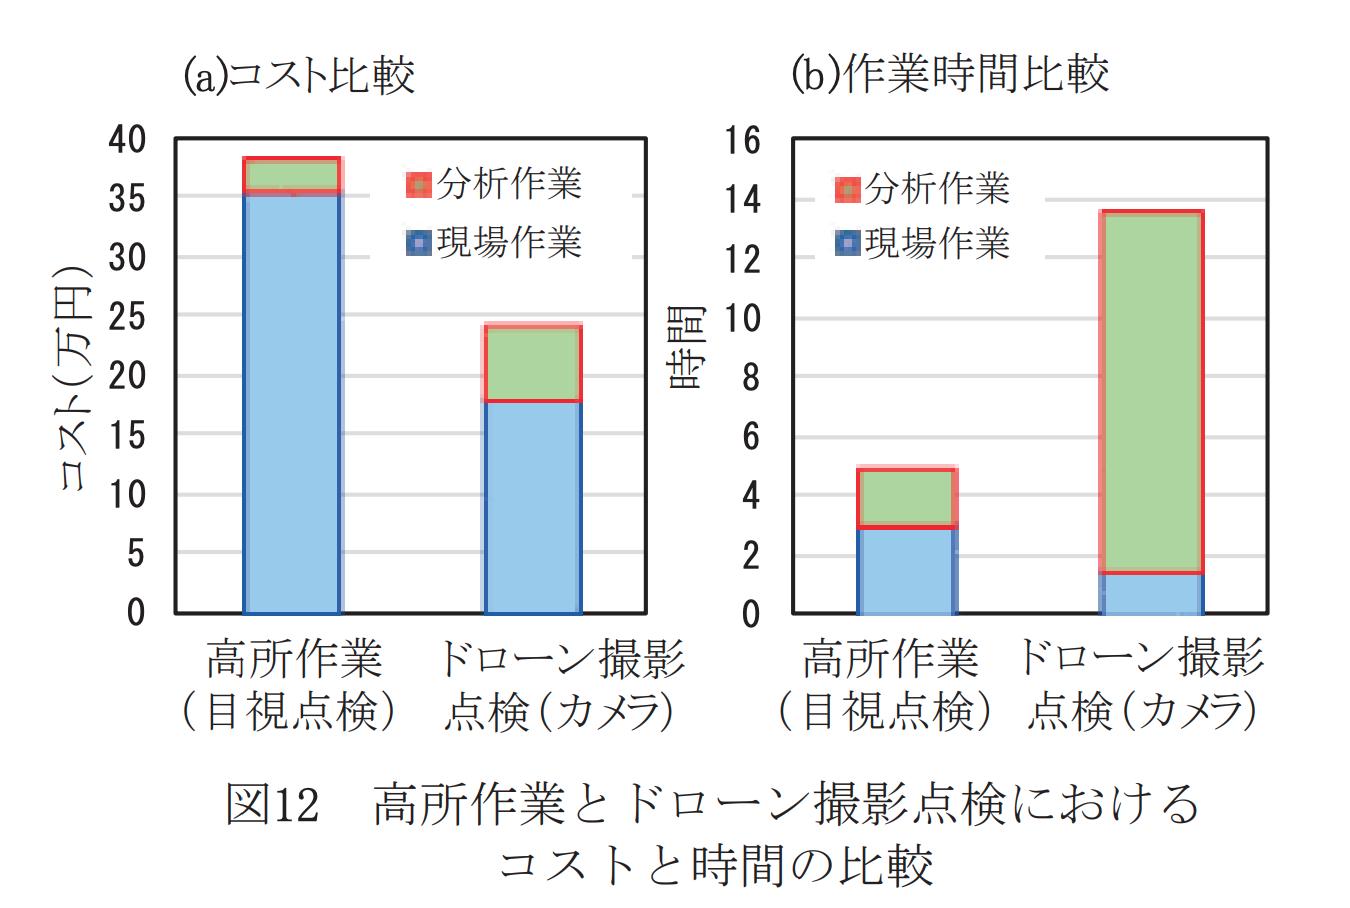 講書作業とドローン撮影点検におけるコストと時間の比較